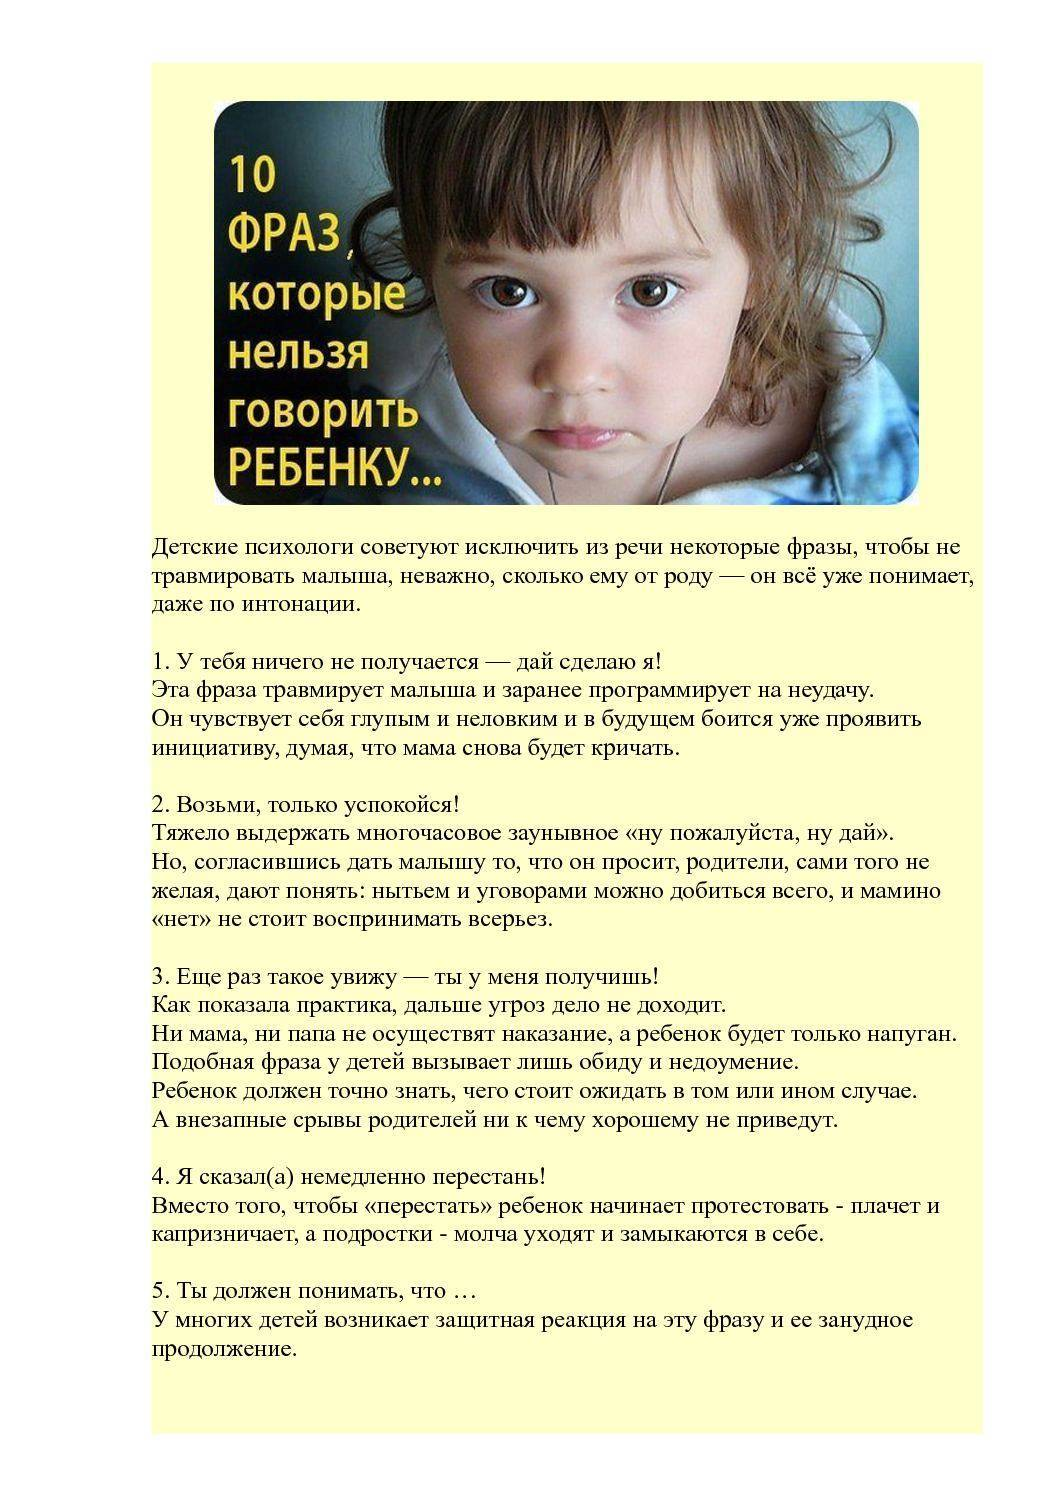 7 фраз разрушительных для психики ребенка - что нельзя говорить детям?